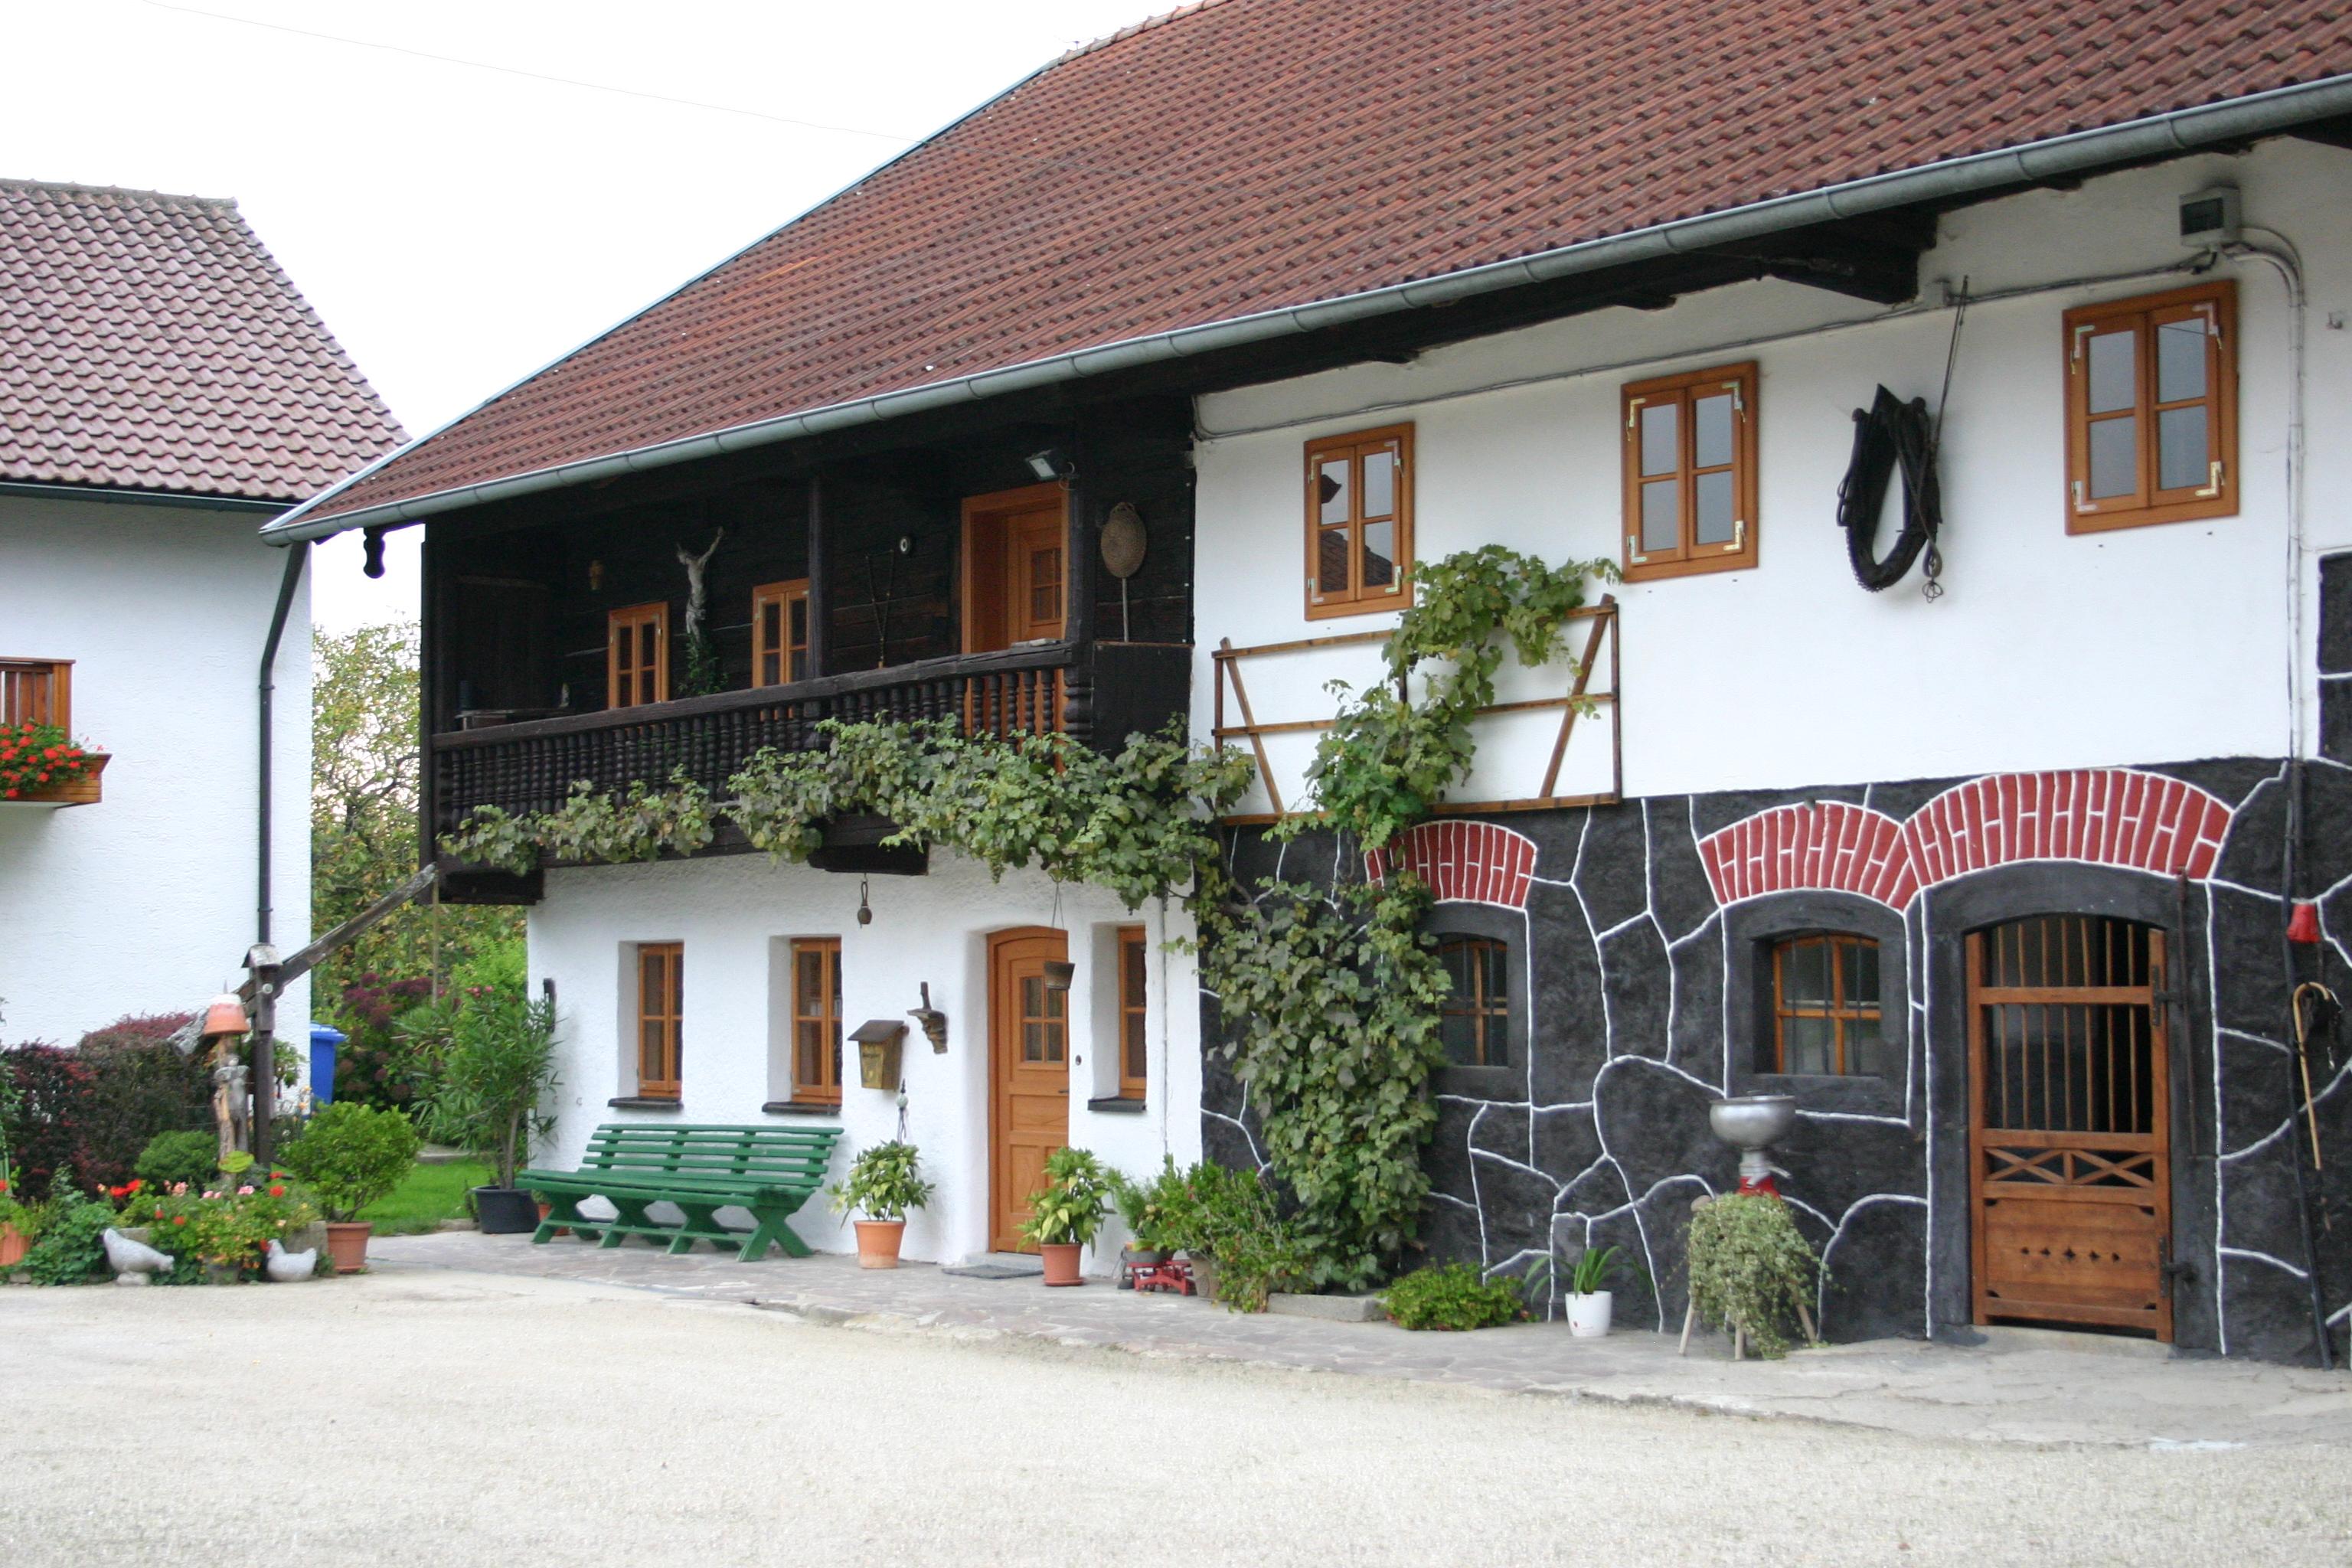 Neues Leben im alten Bauernhaus   ungeWOHNlich.netungeWOHNlich.net